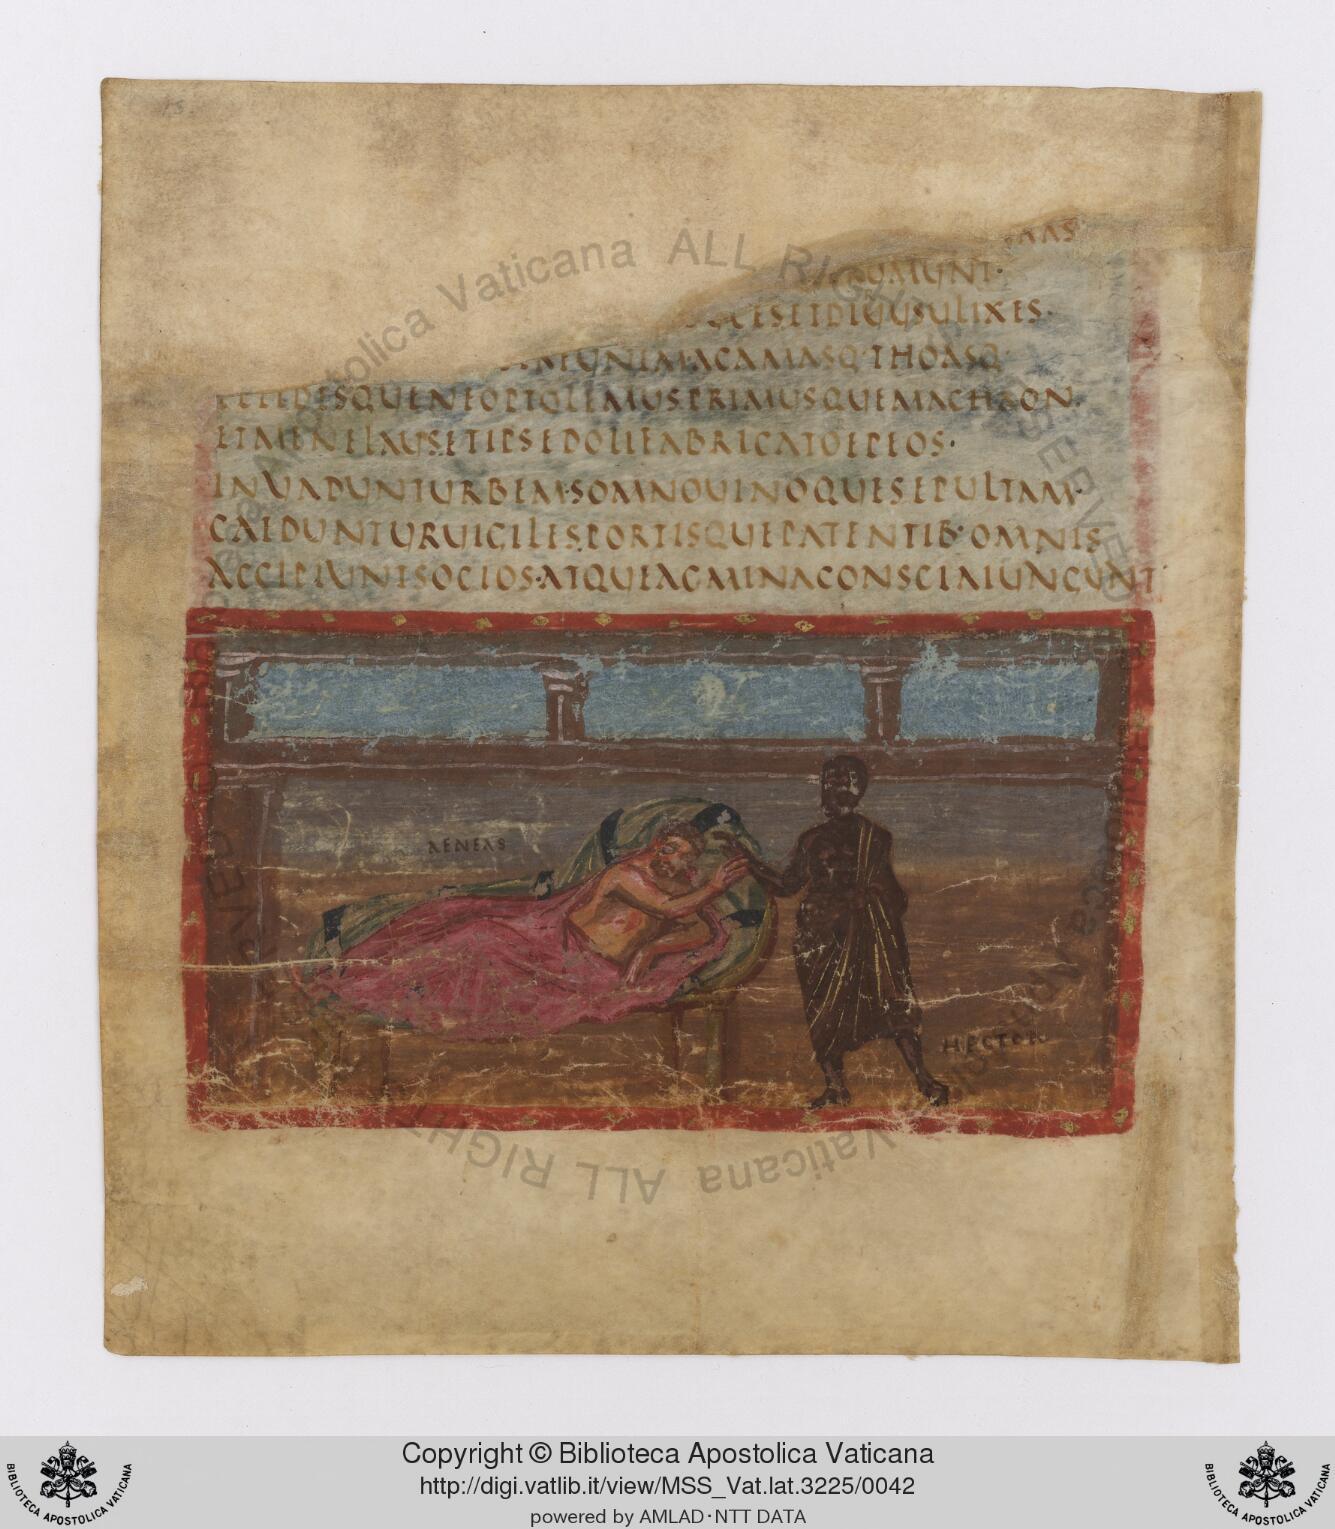 Este manuscrito, el Vergilius Vaticanus, es uno de los documentos más antiguos que hayan pasado por este proceso de digitalización.